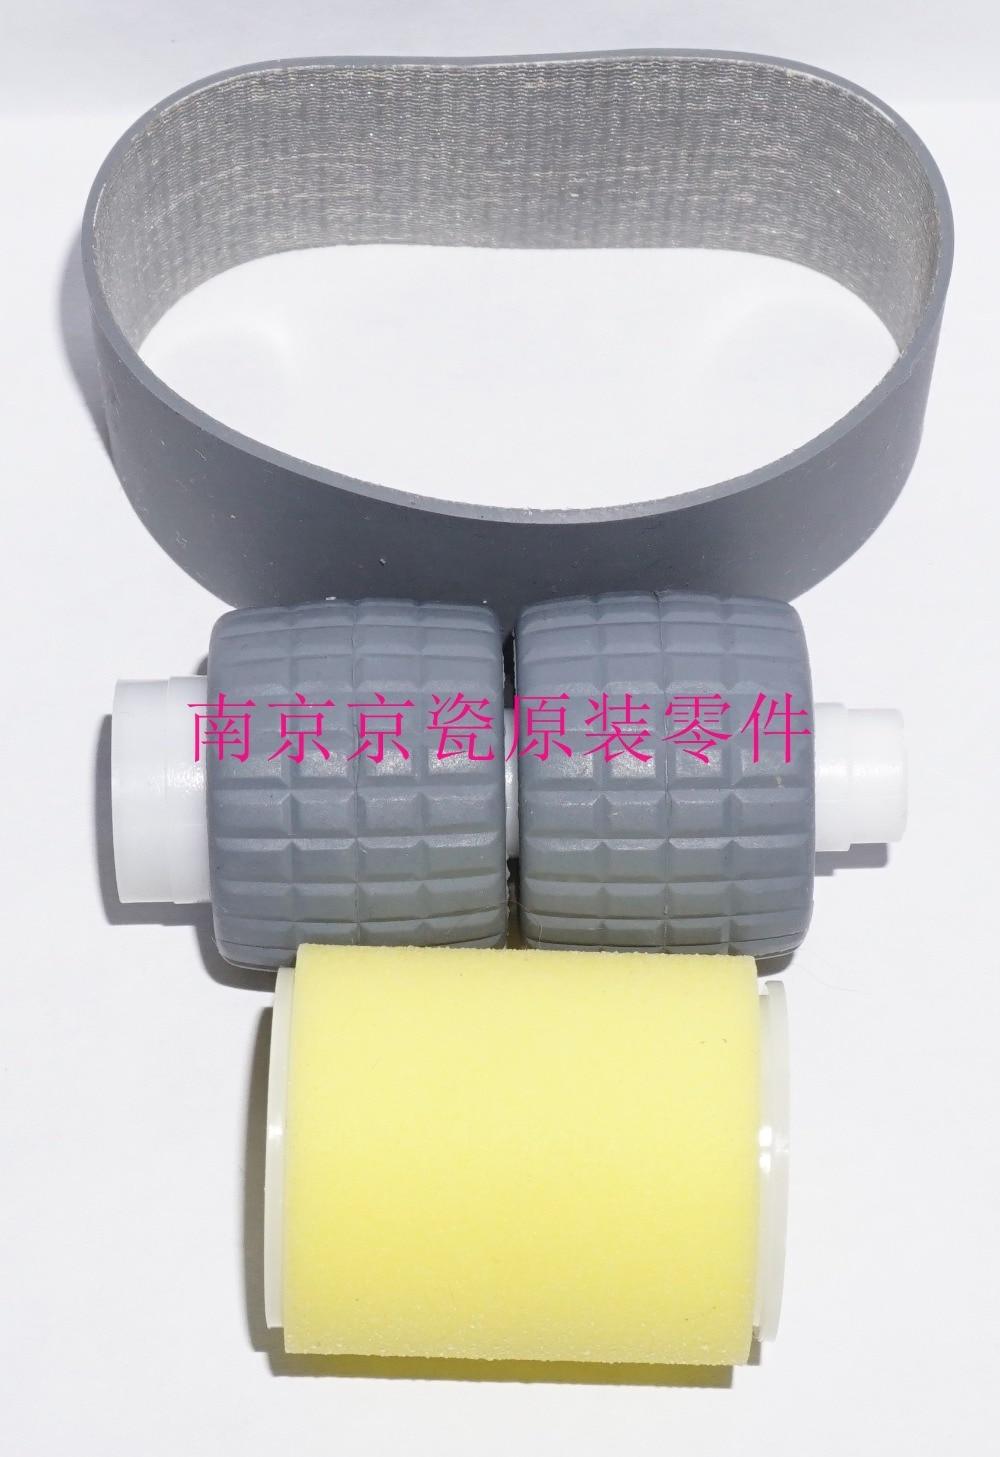 цена New Original Kyocera 3H607020 3LL07190 3JX07330 PULLEY FEED ADF ( 1 set of 3 ) for:TA420i 520i 250ci-500ci DP-750 DP-760